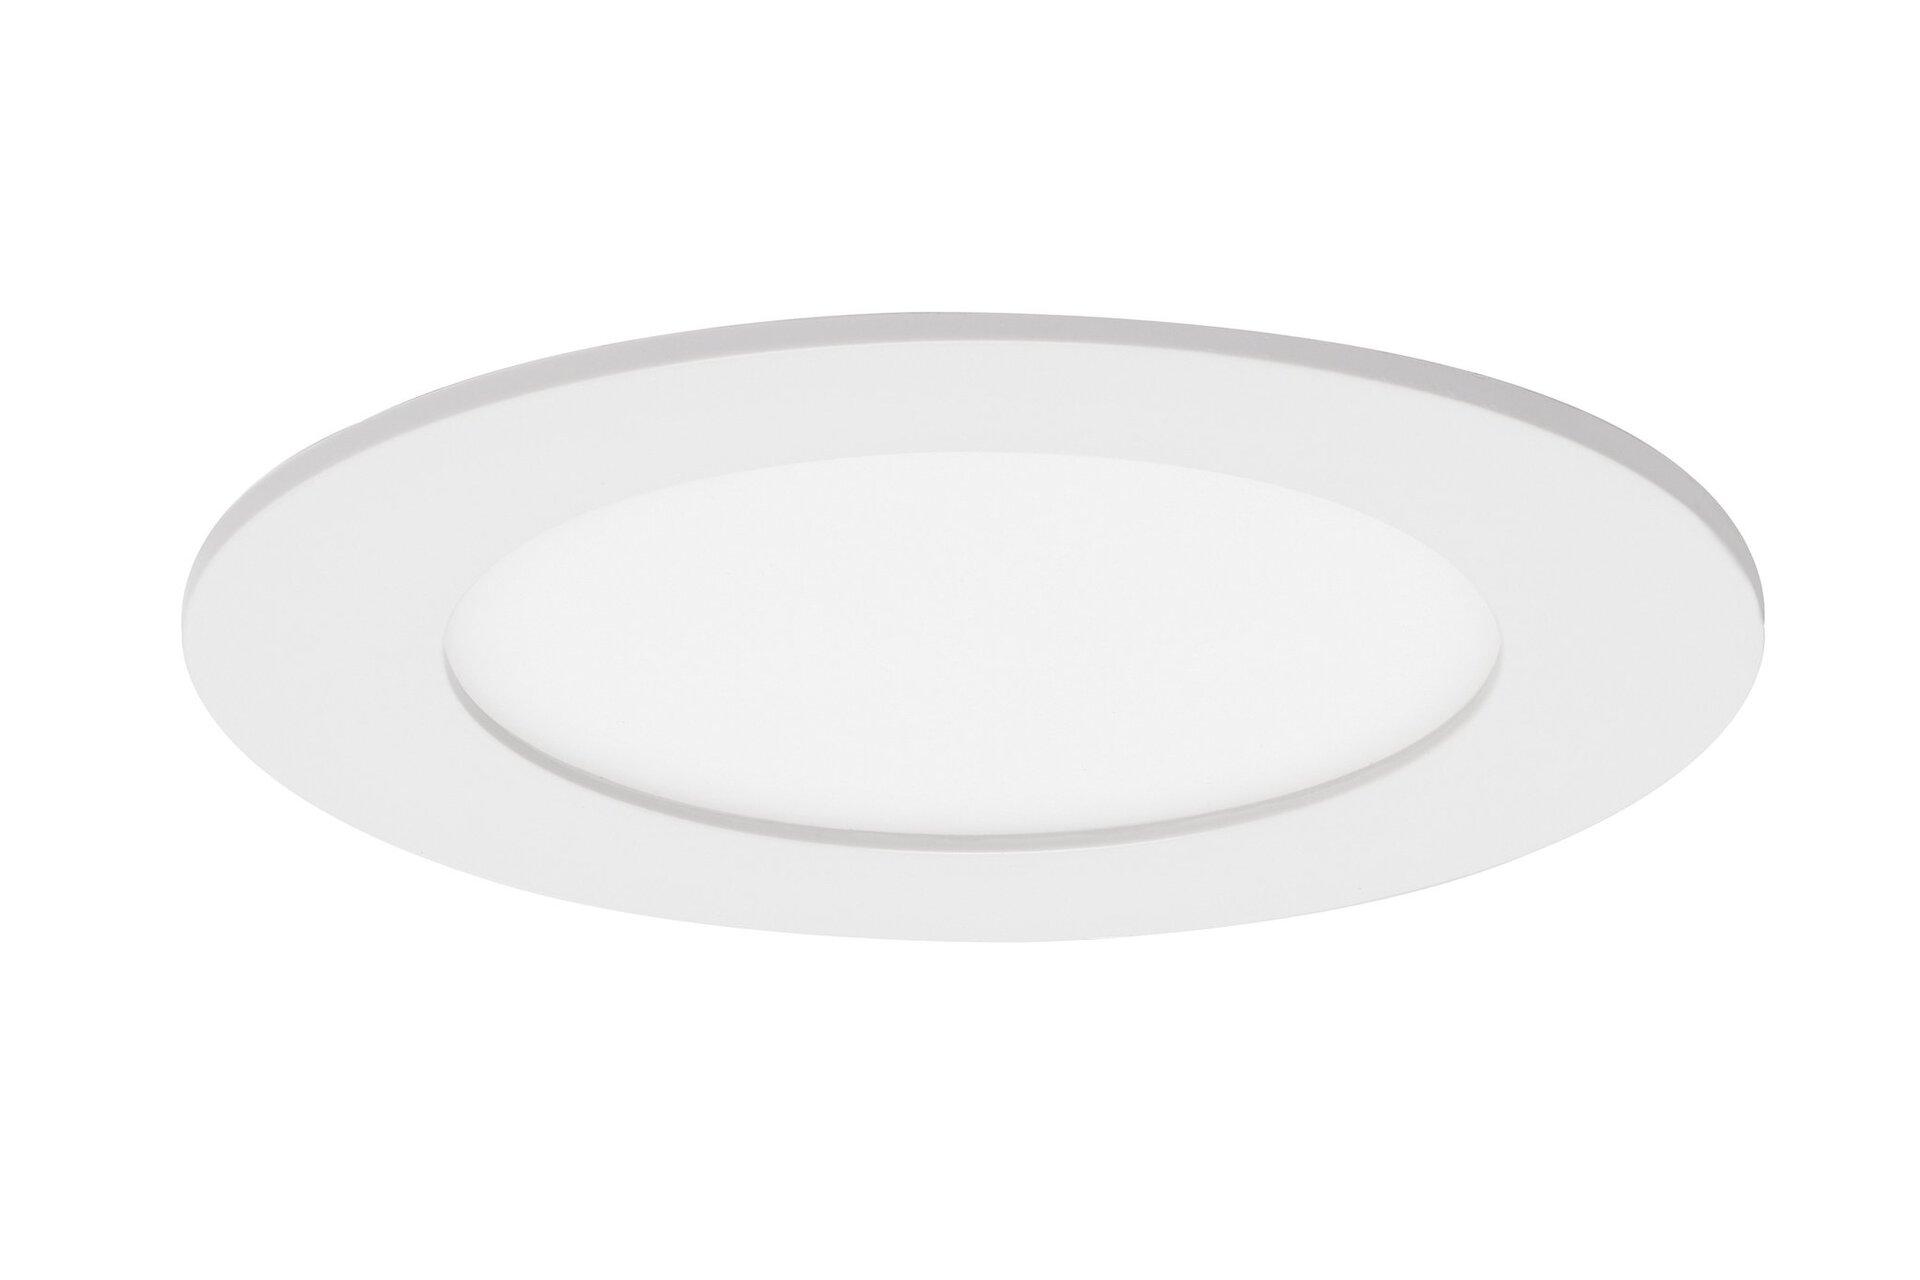 Einbauspot Flat In Briloner Metall weiß 12 x 3 x 12 cm